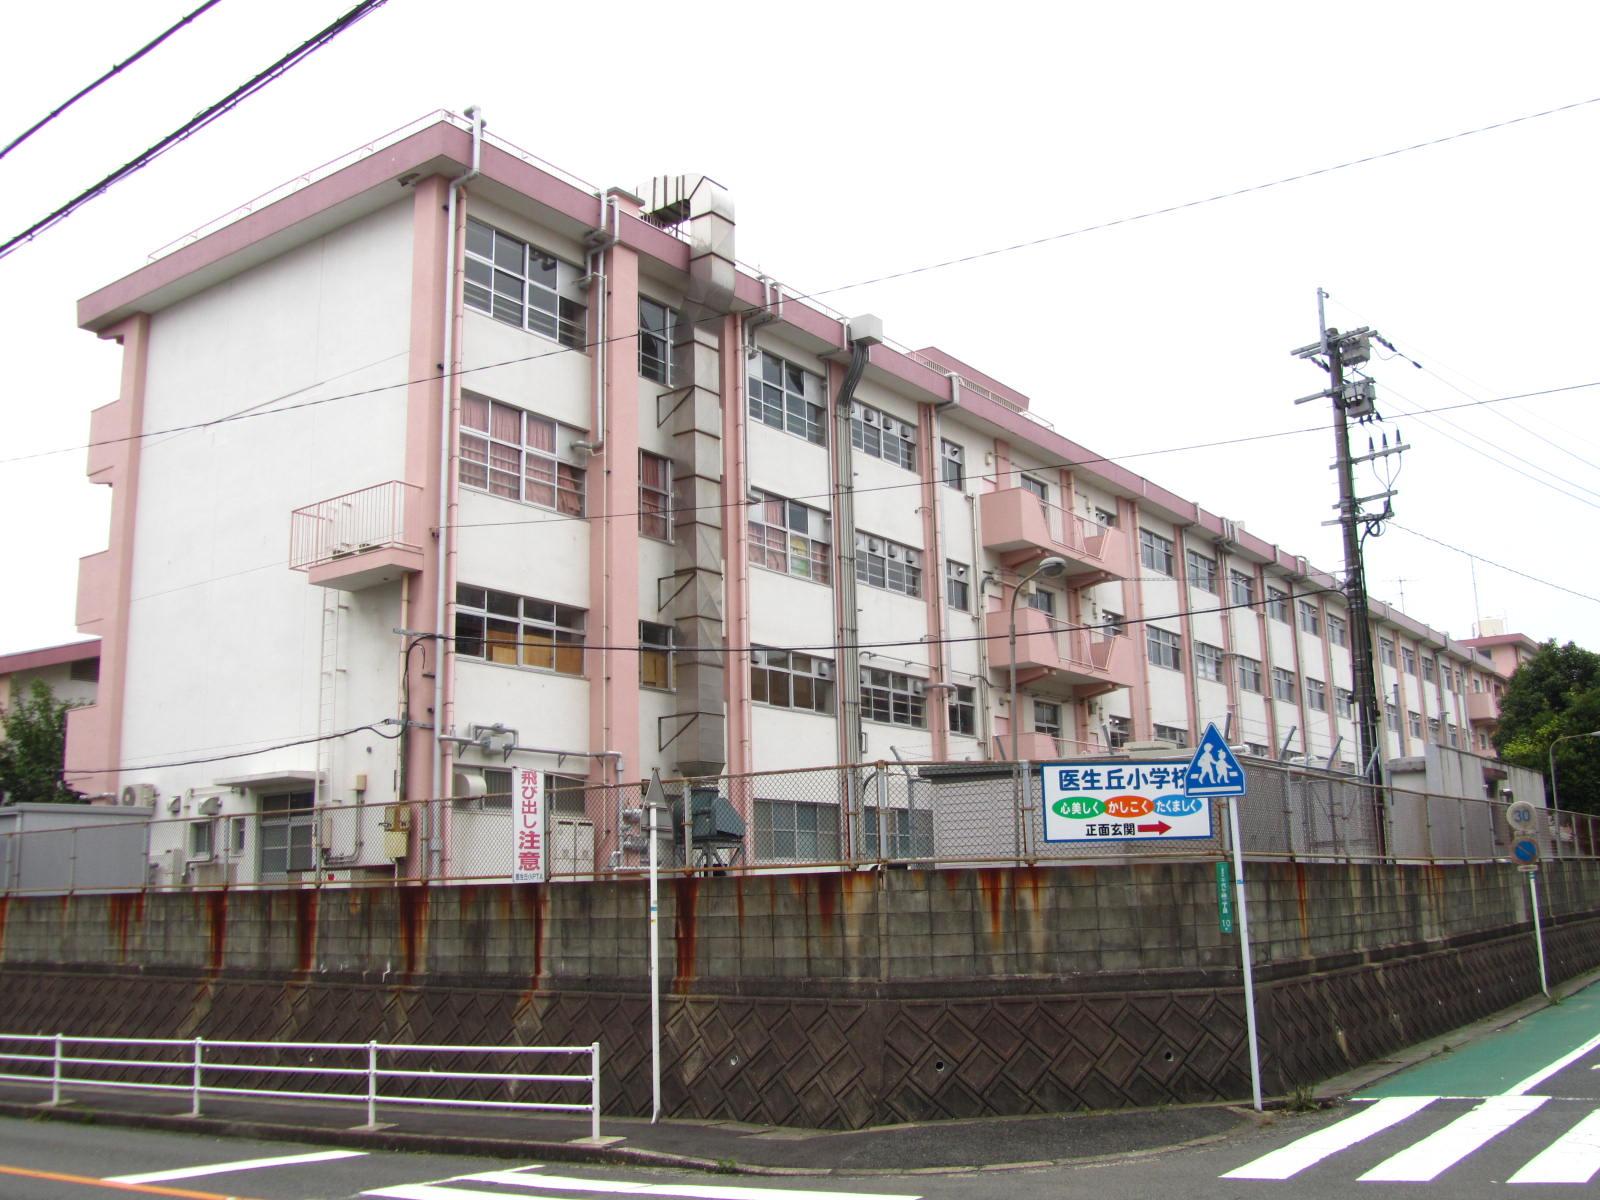 小学校:北九州市立医生丘小学校 934m